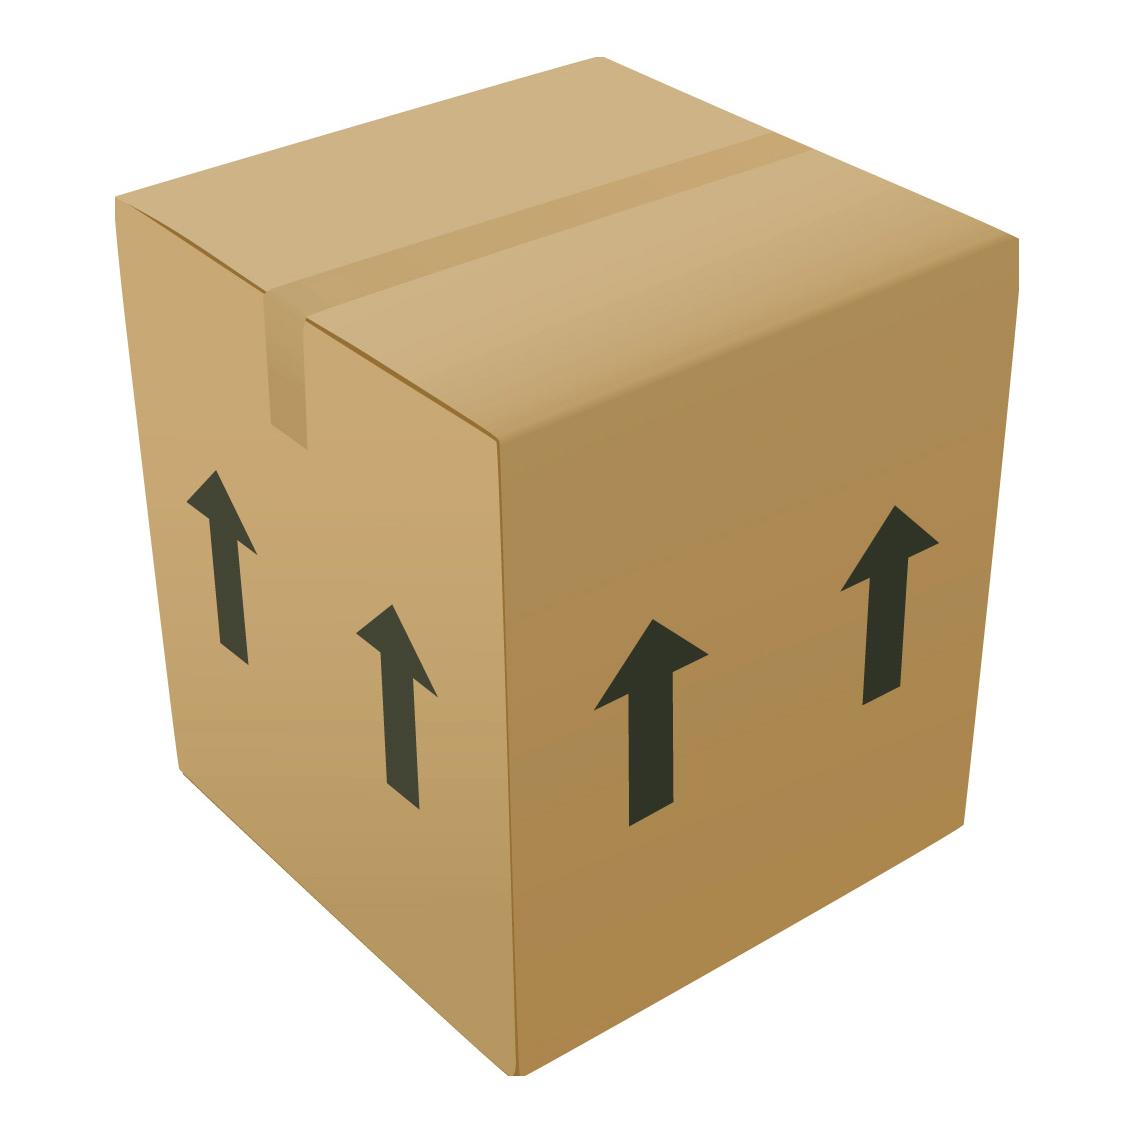 Cần mua thùng carton ở đâu tại tphcm chất lượng ?